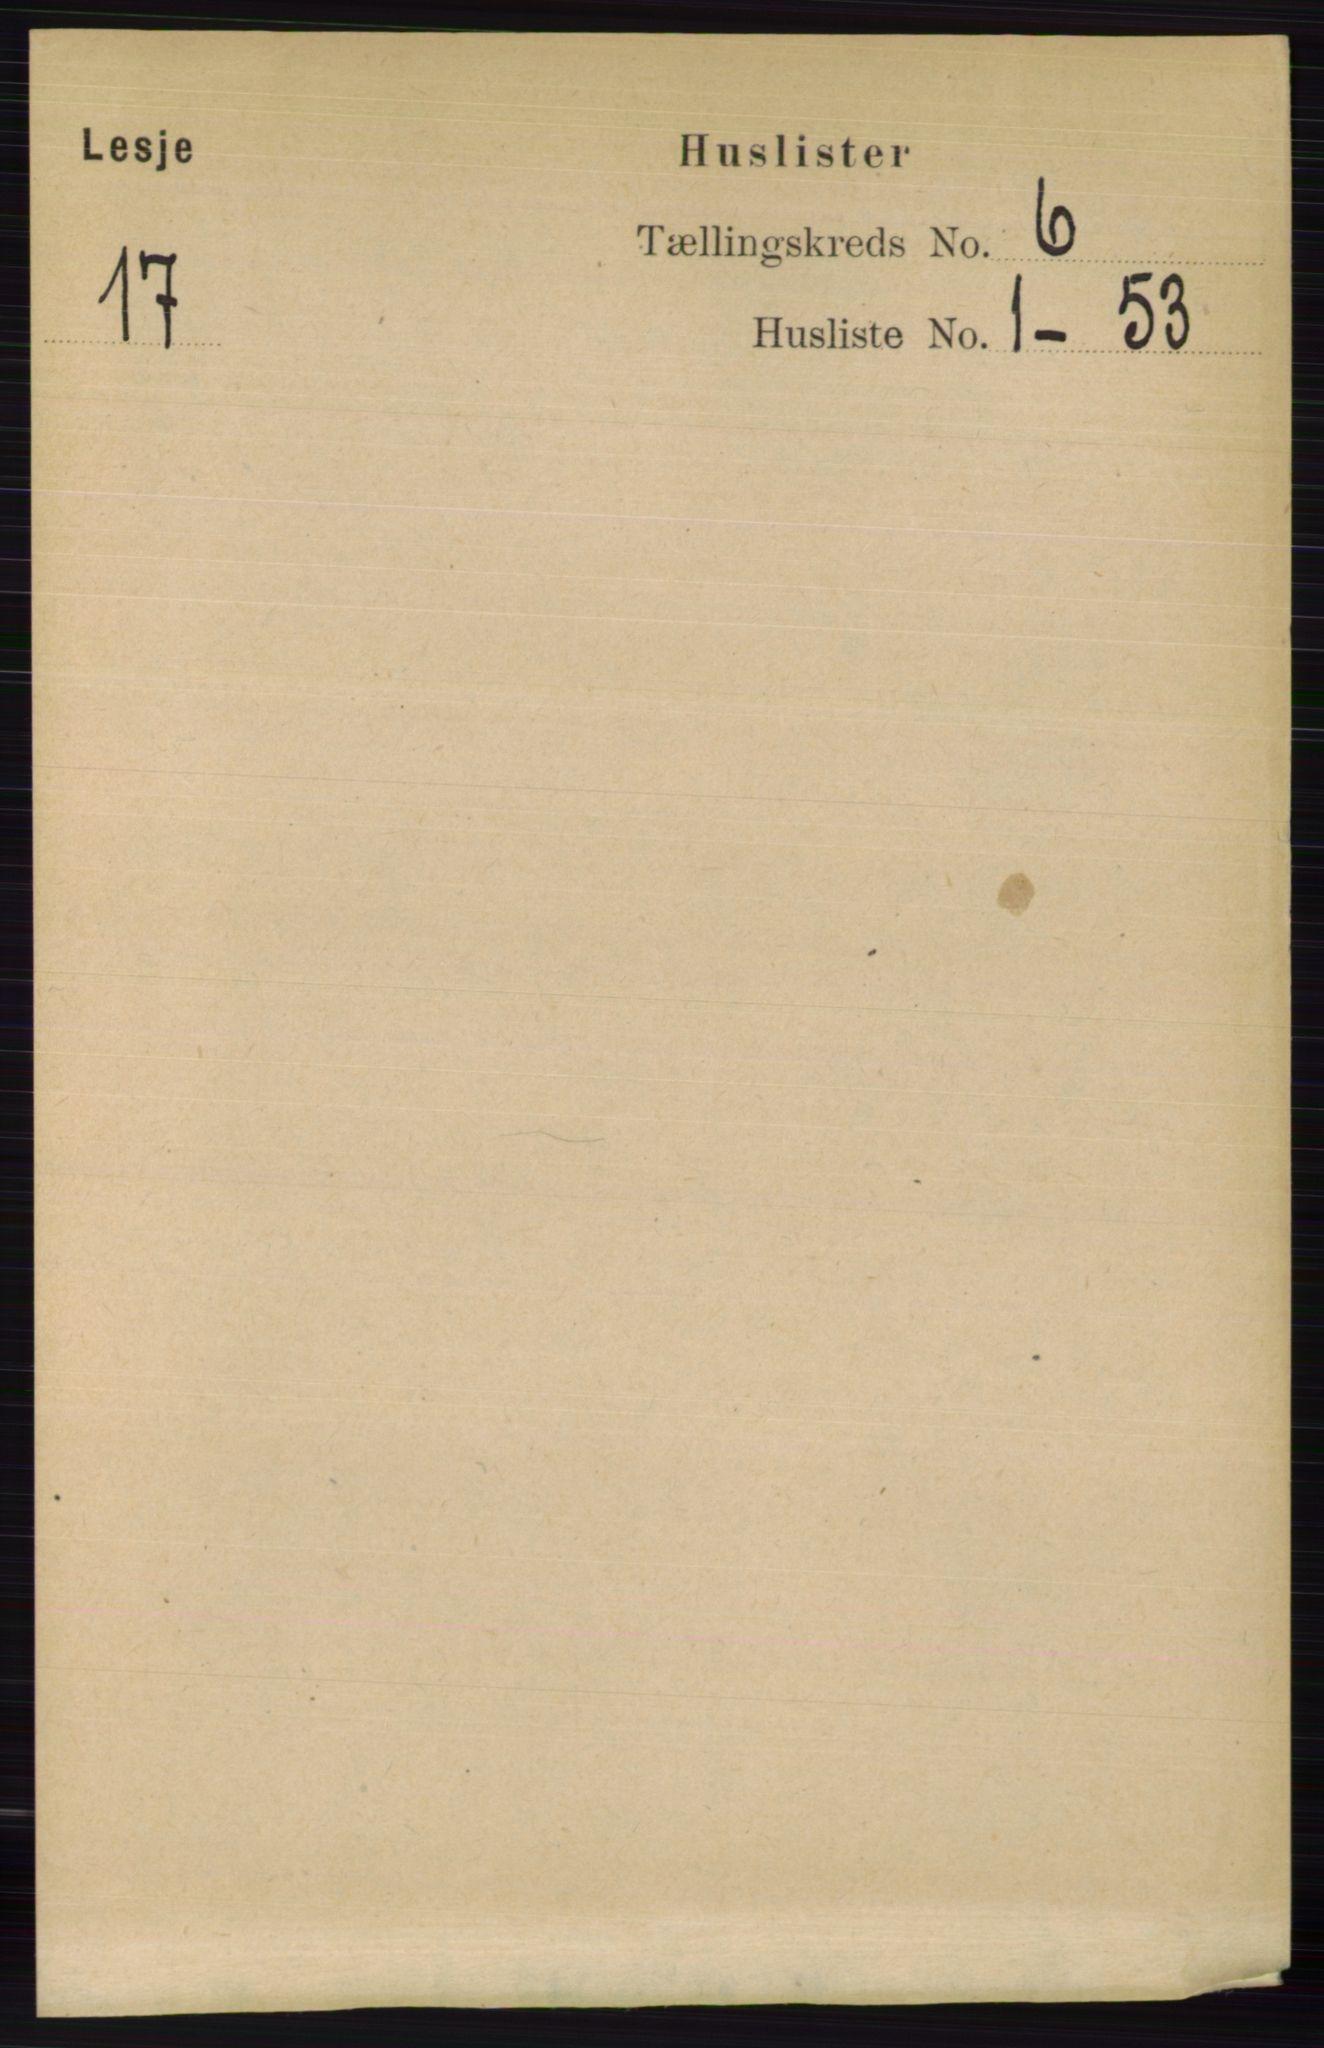 RA, Folketelling 1891 for 0512 Lesja herred, 1891, s. 2087